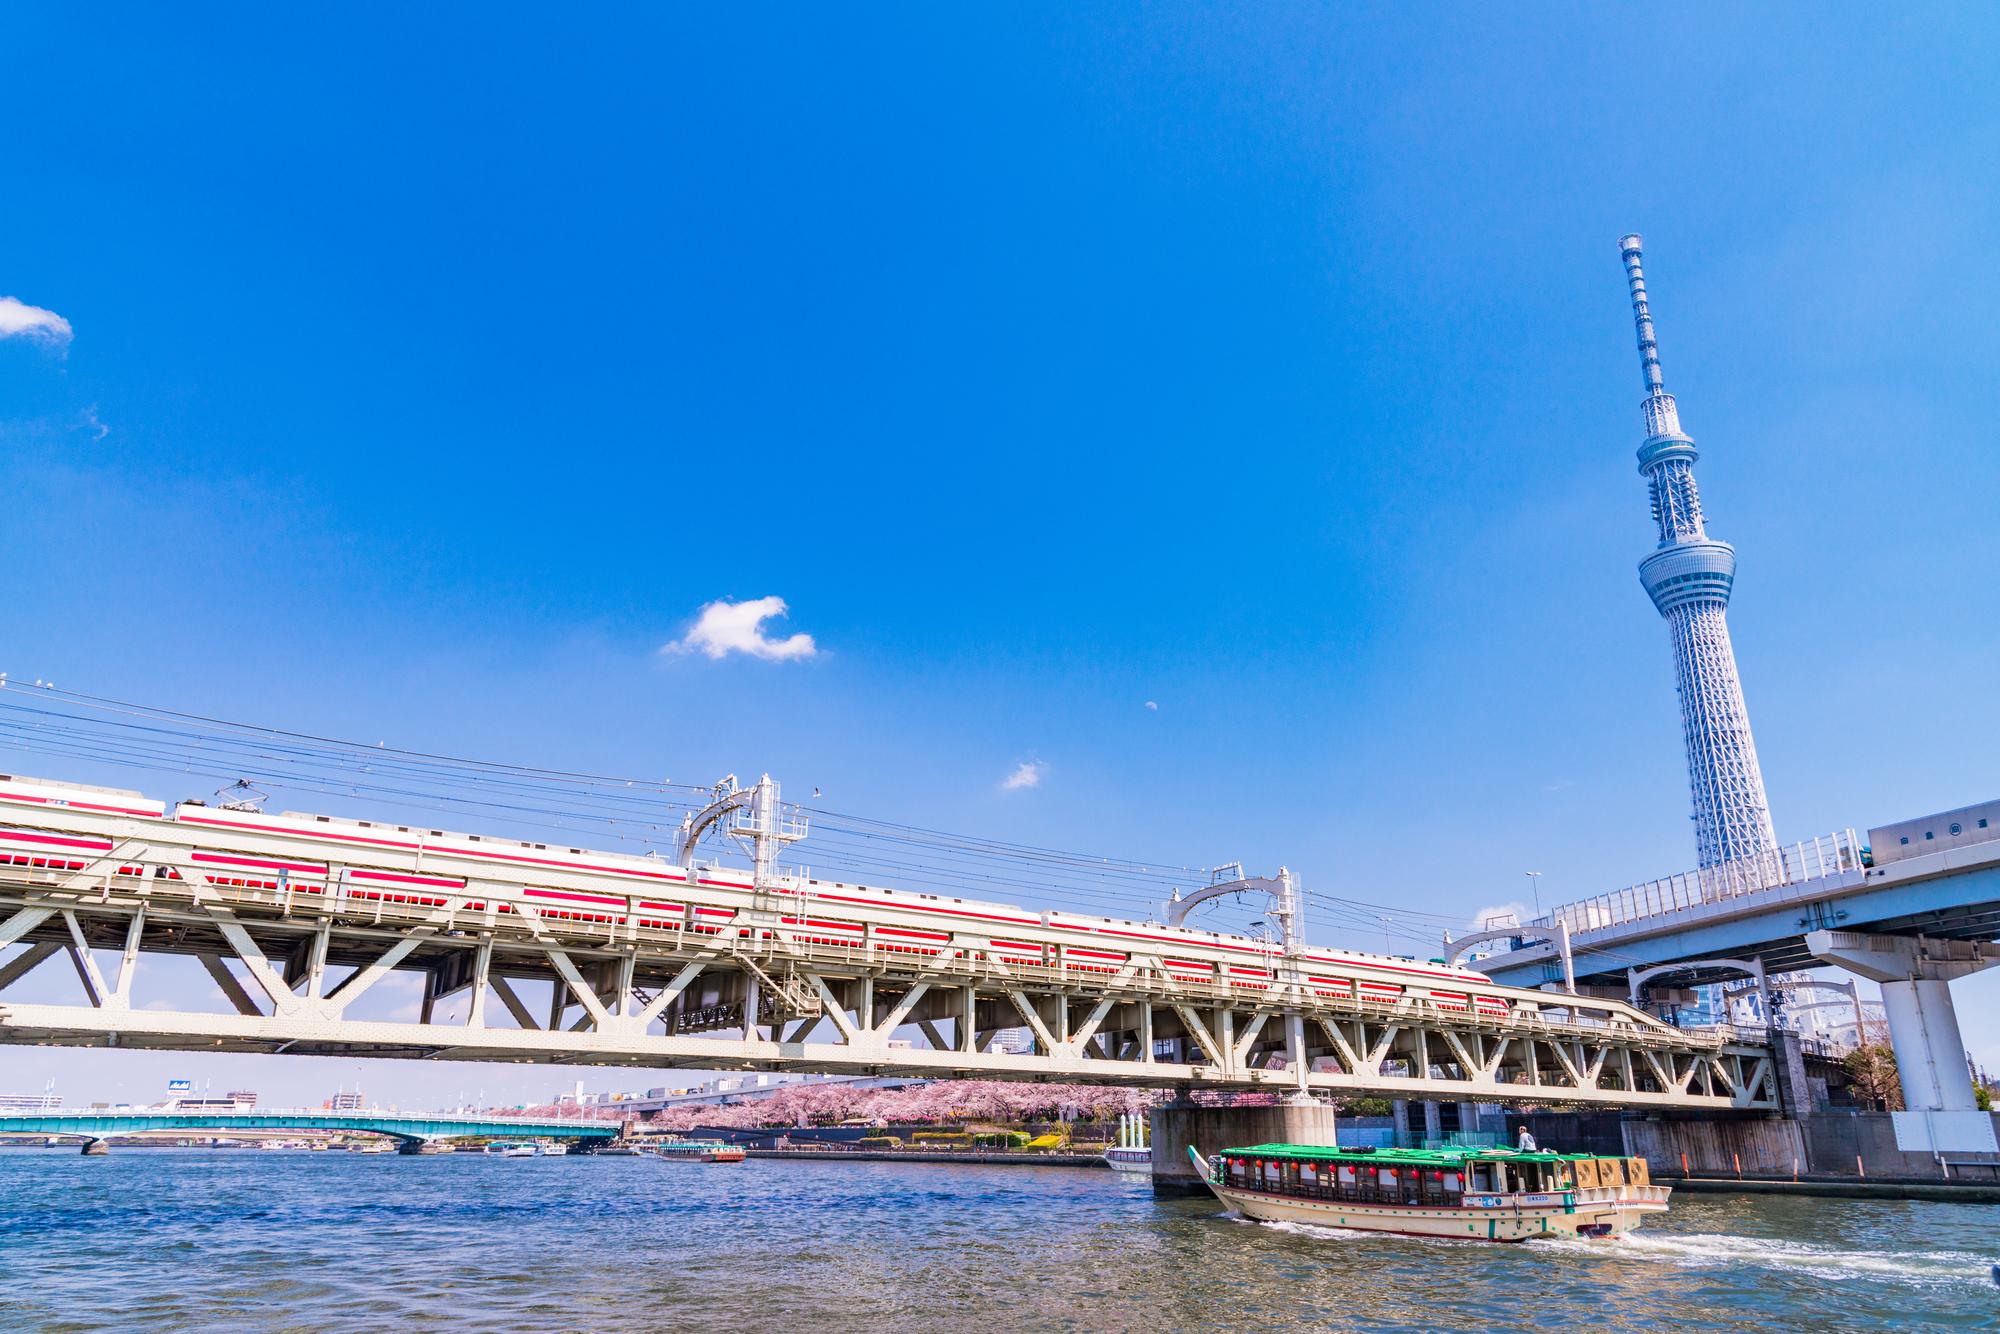 スカイツリーと隅田川。そして屋形船